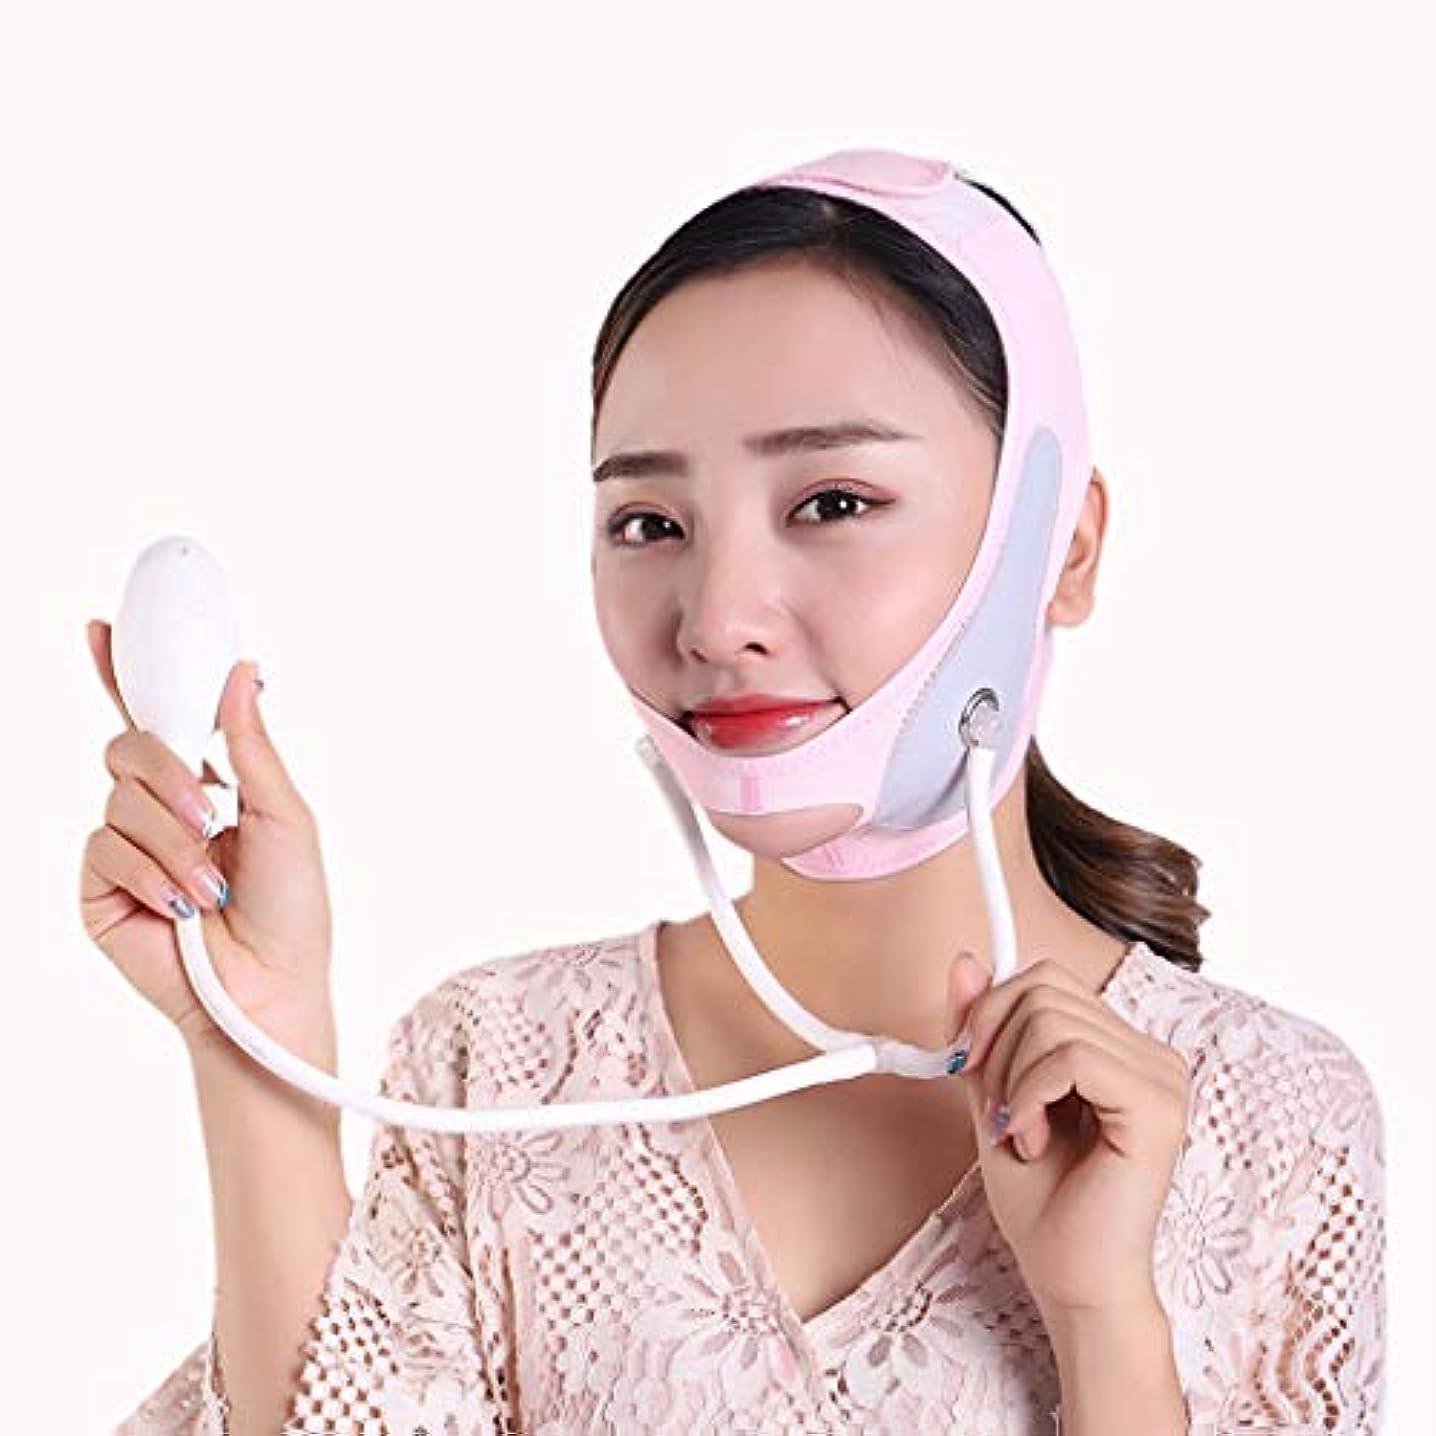 耐久テレビ彼らXHLMRMJ インフレータブルフェイスリフティングマスク、リフティングと締め付け、フェイスリフティング包帯、二重あごと薄いフェイスバンド (Size : M)